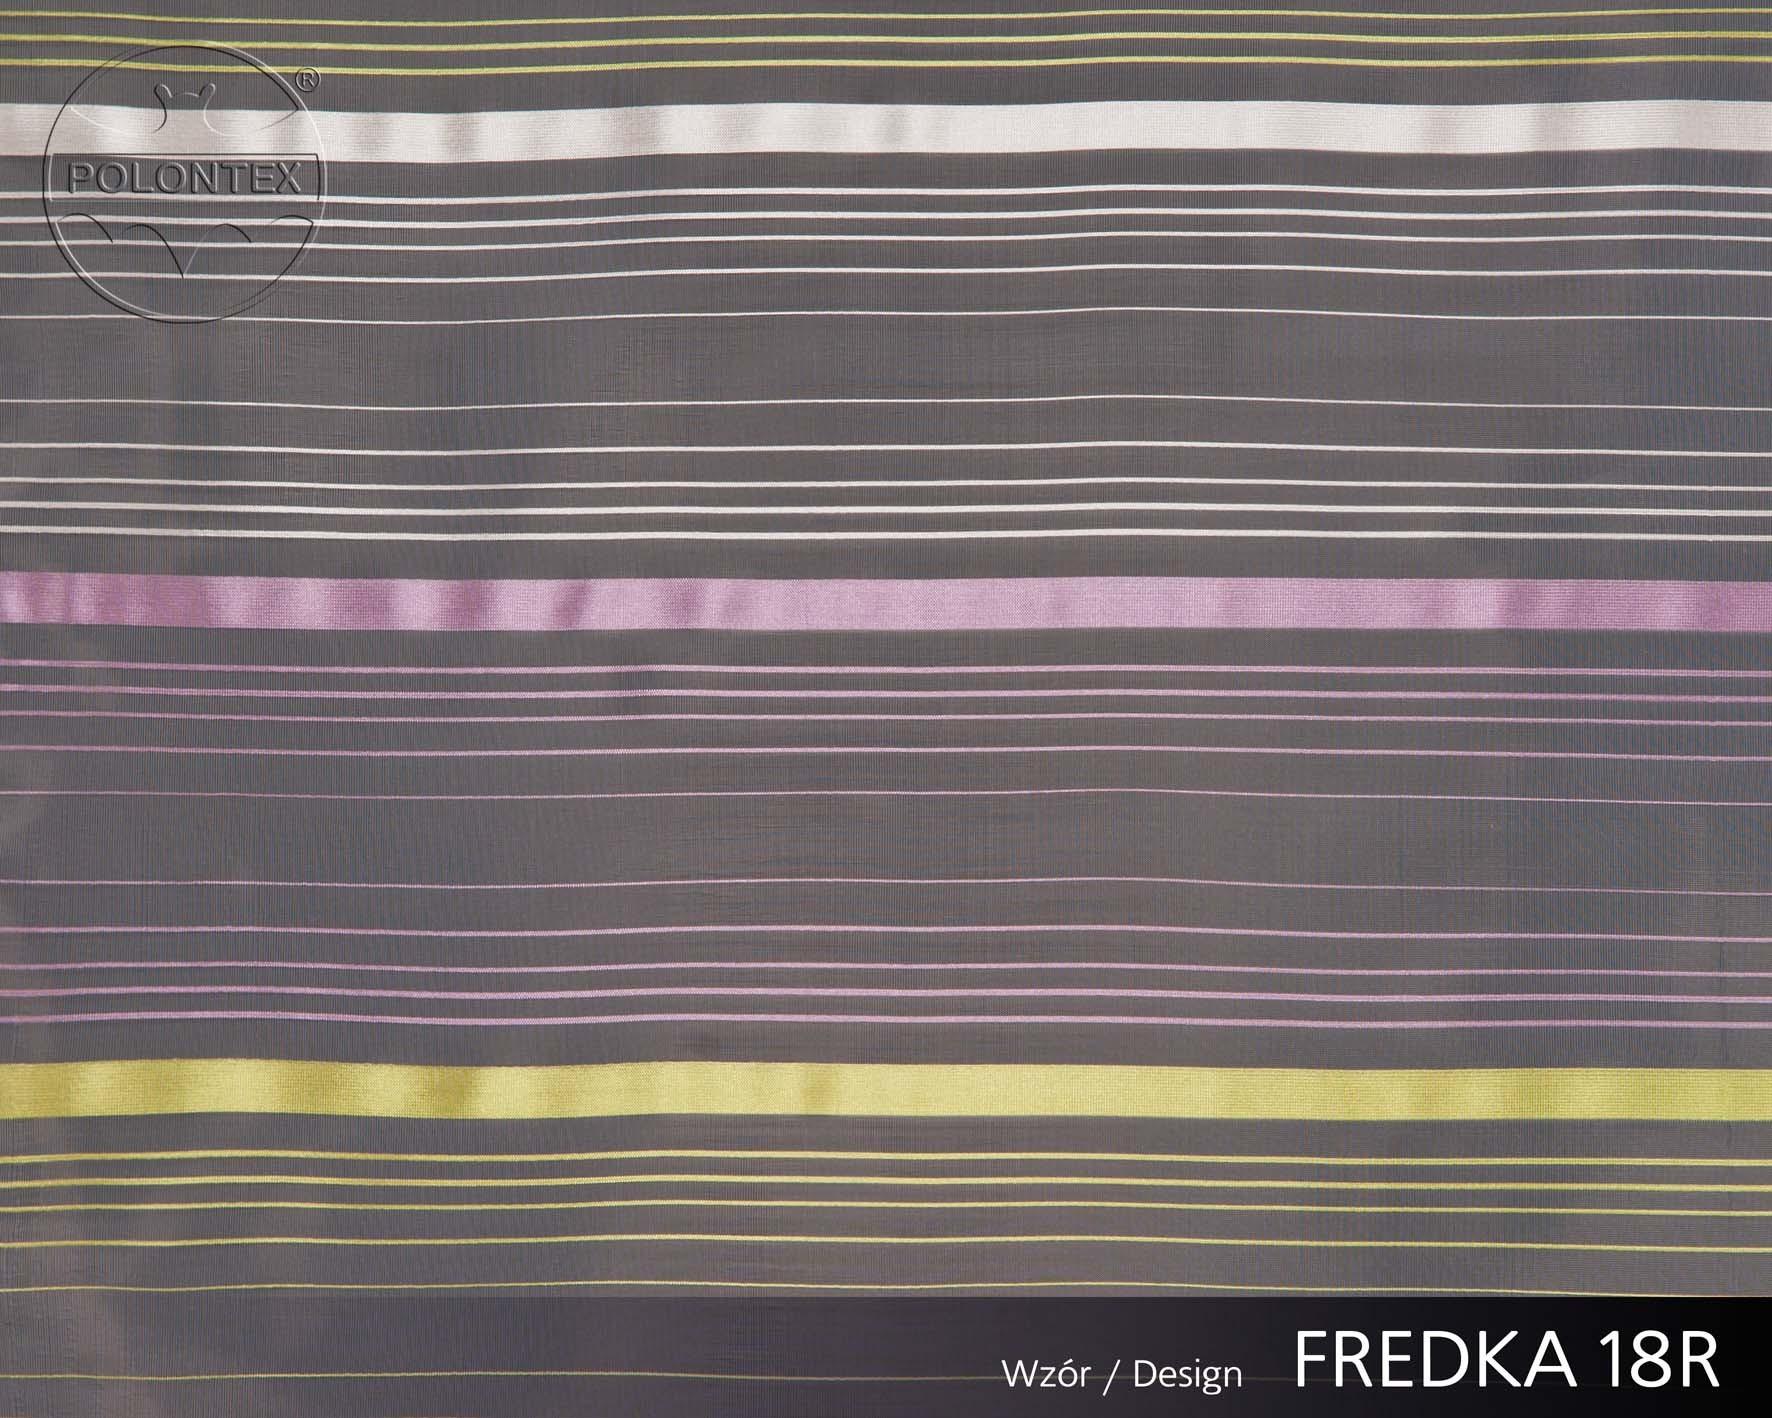 FREDKA 18R